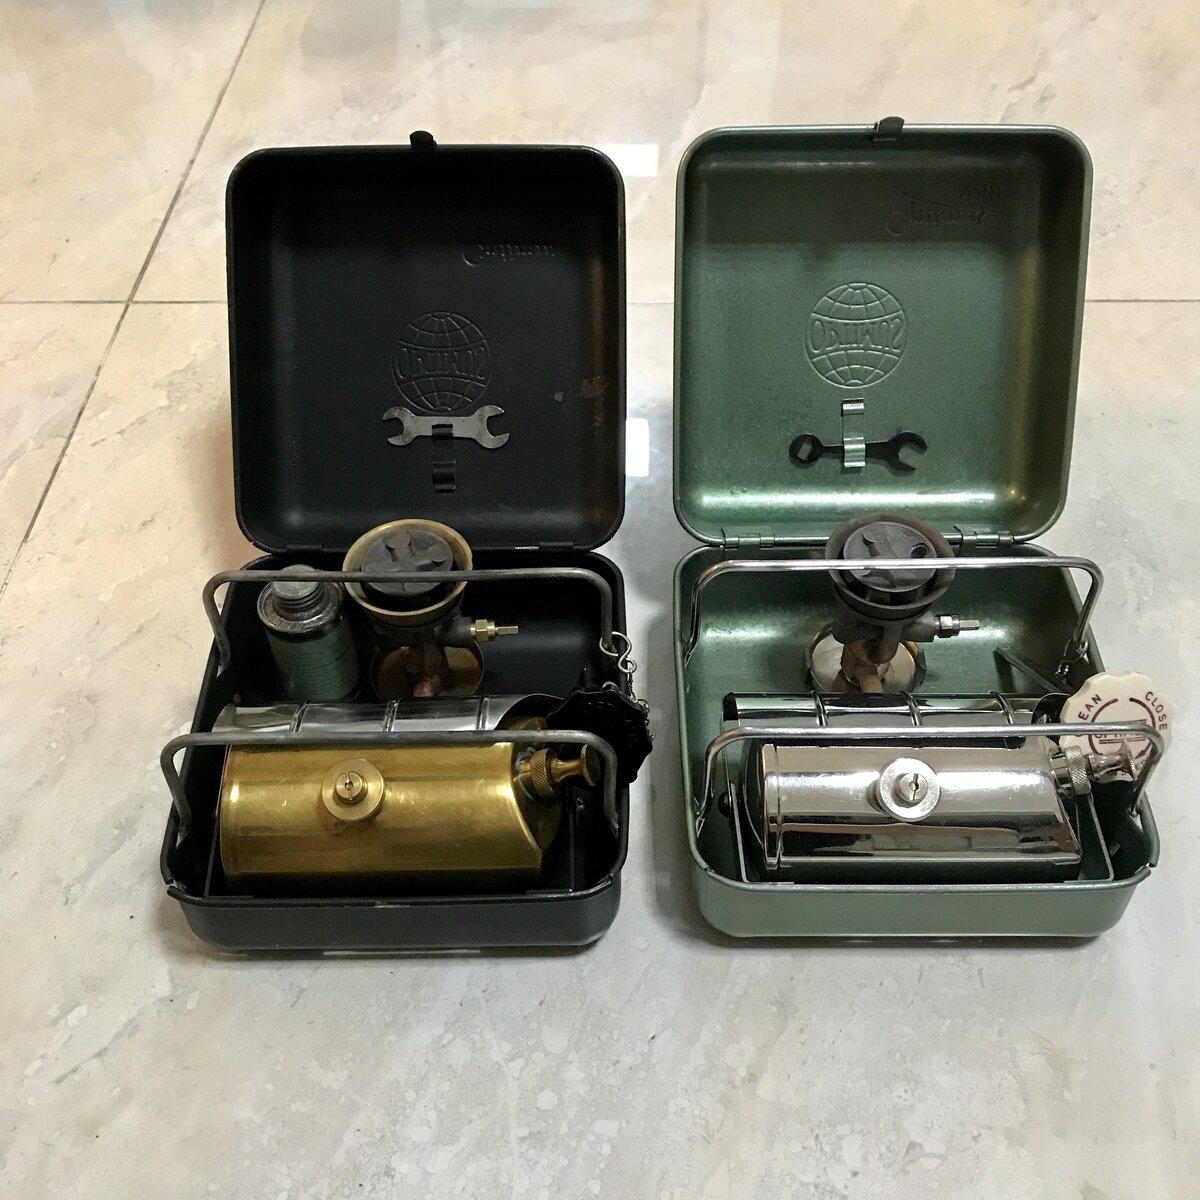 F1CA1805-6A9A-45AF-B93F-F9D385368166.jpeg